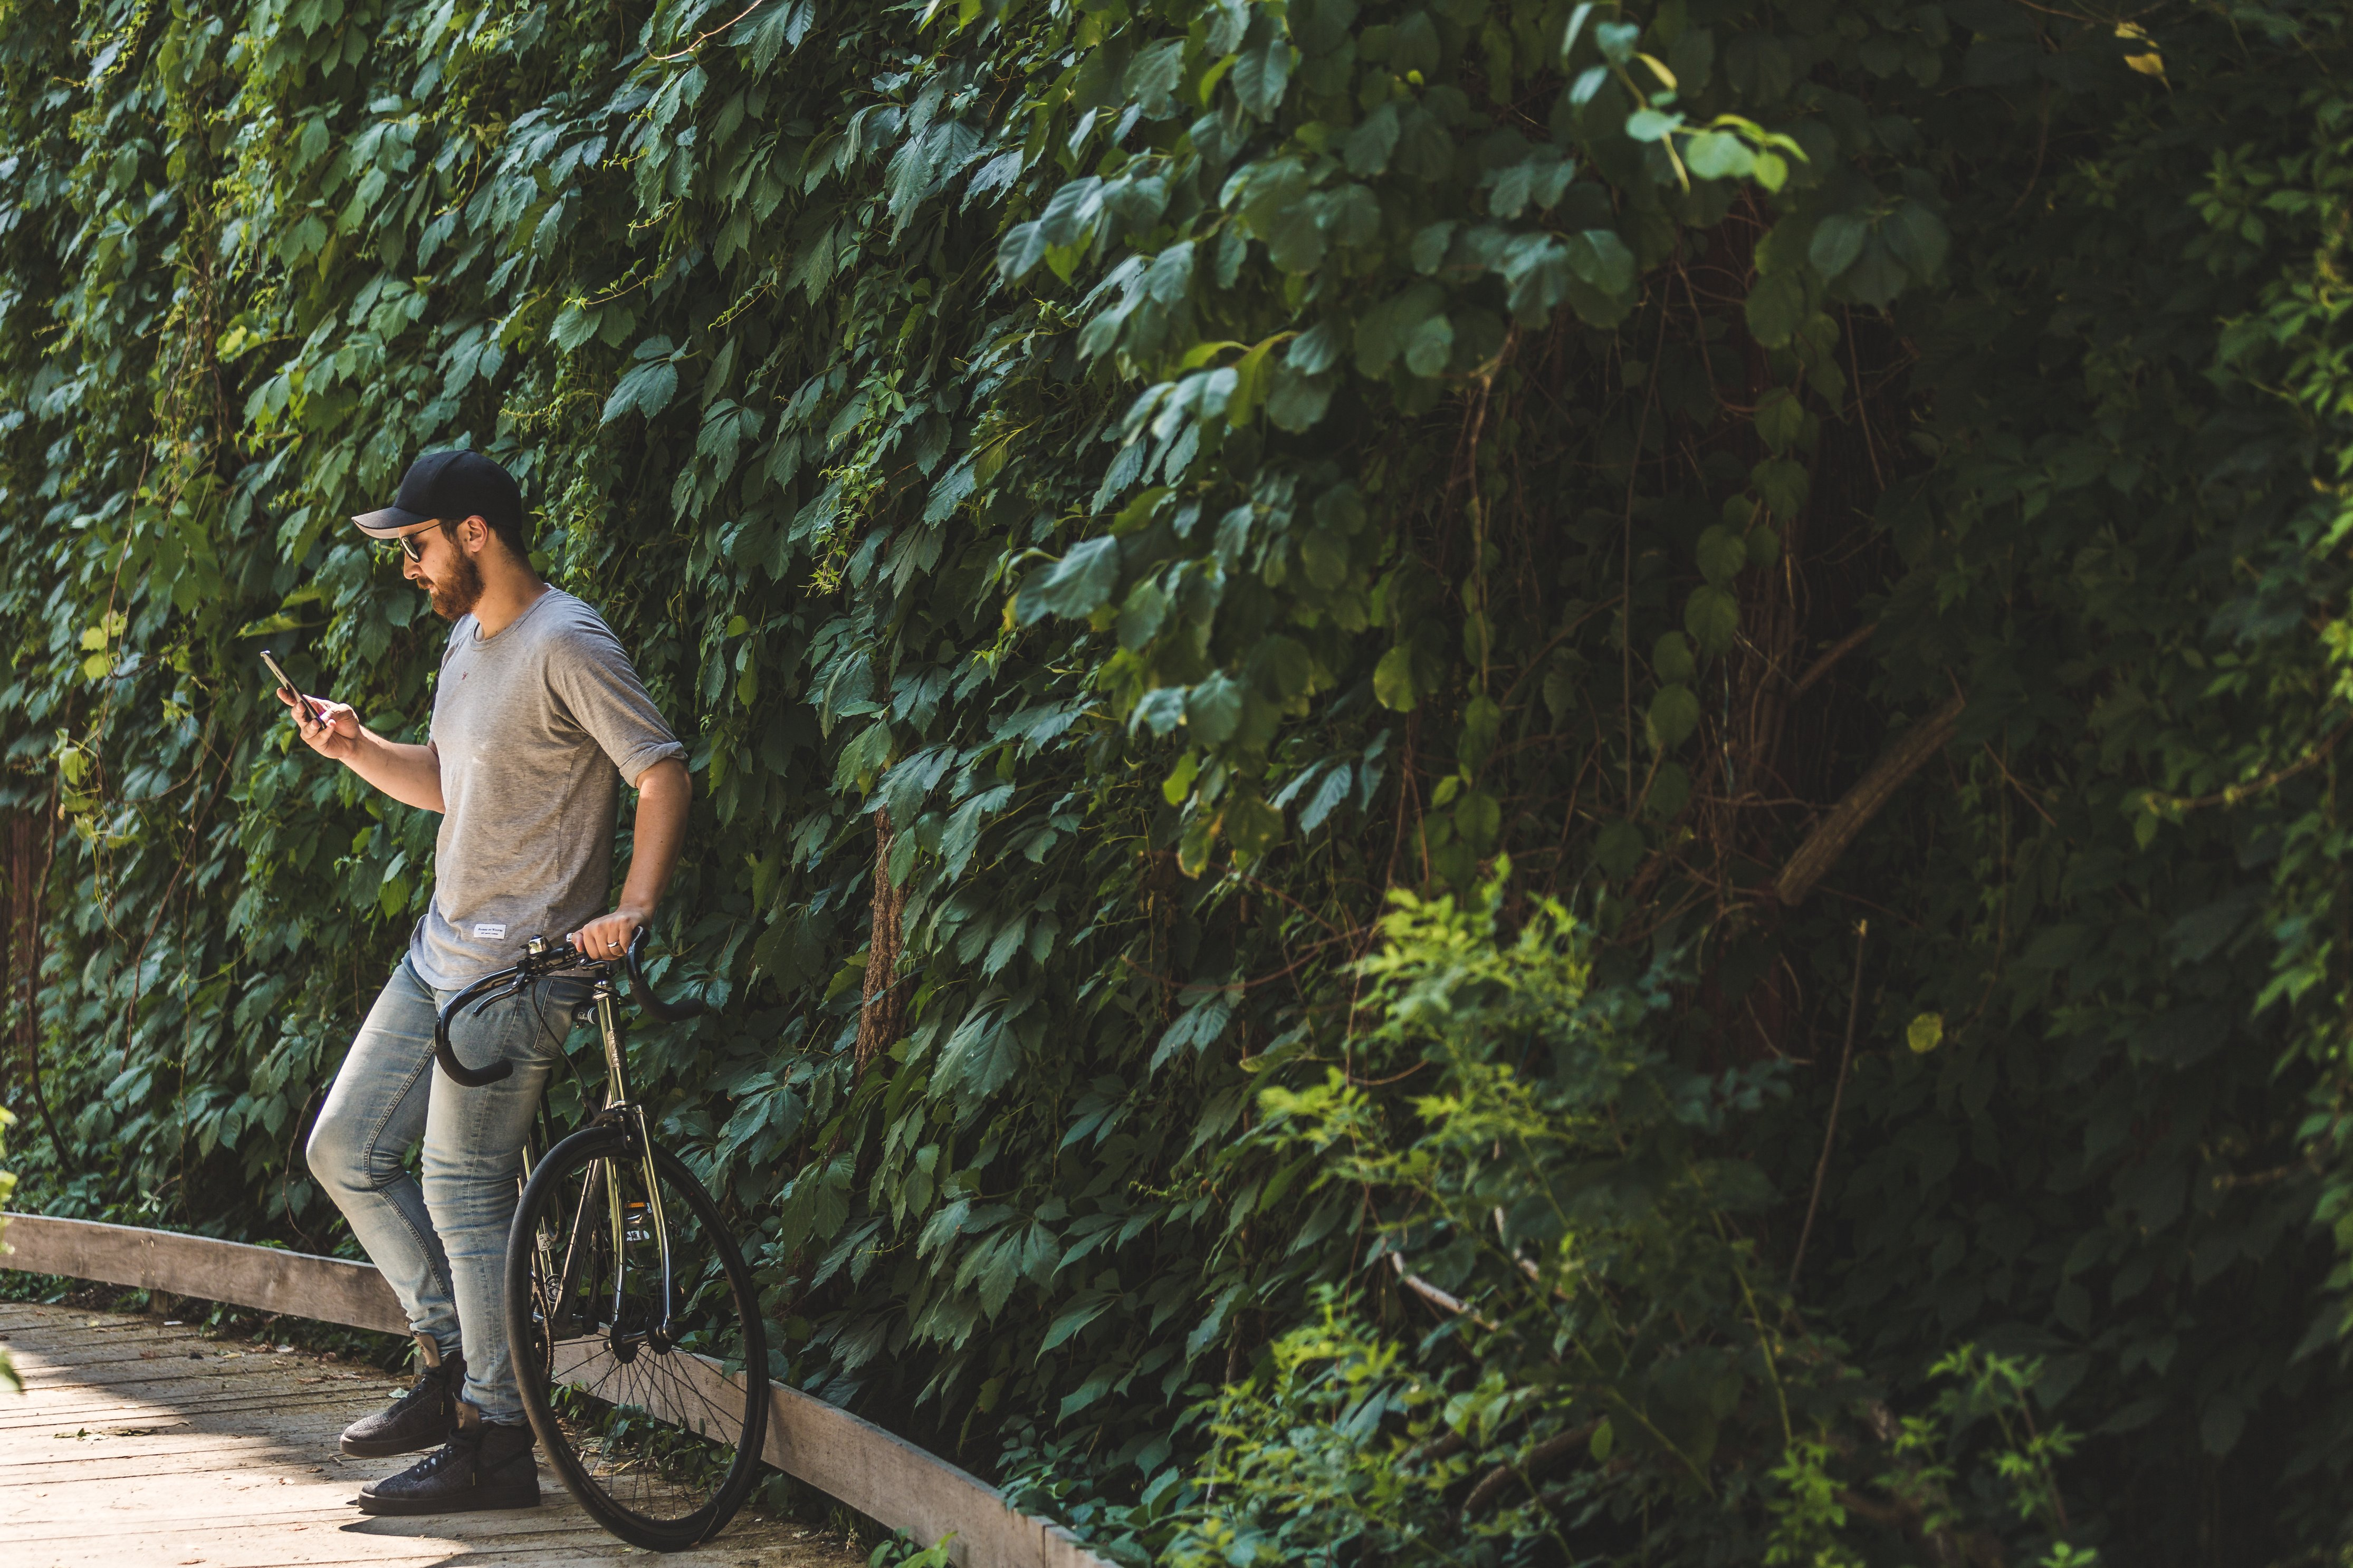 Mobil'clic, votre nouvel assistant mobilité pour vos déplacements dans les Vosges Centrales